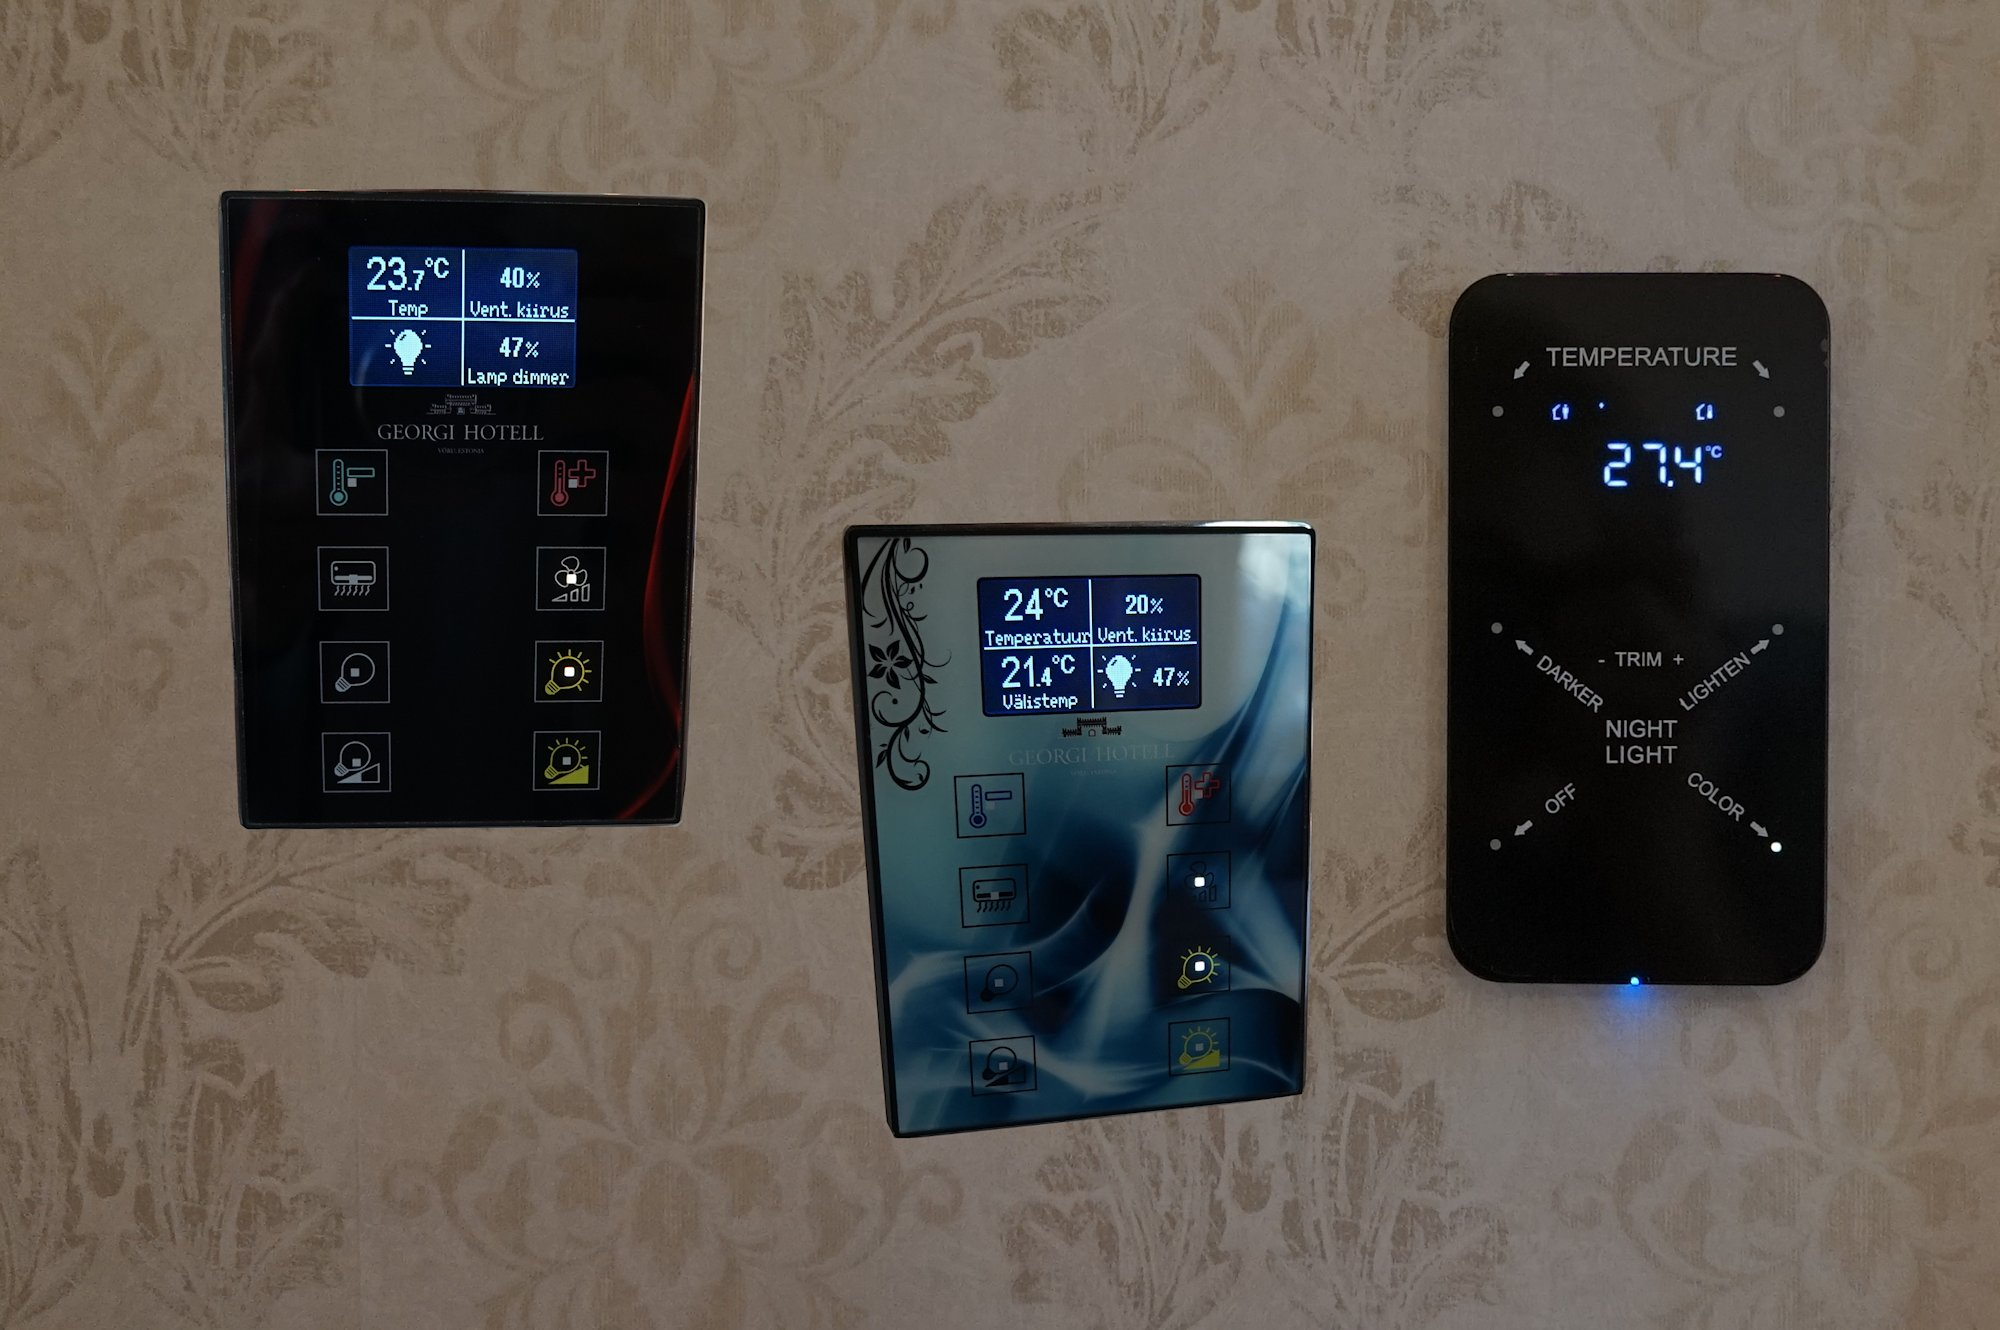 KNX- automaatika ekraanid, mis juhivad tubades erinevaid funktsioone